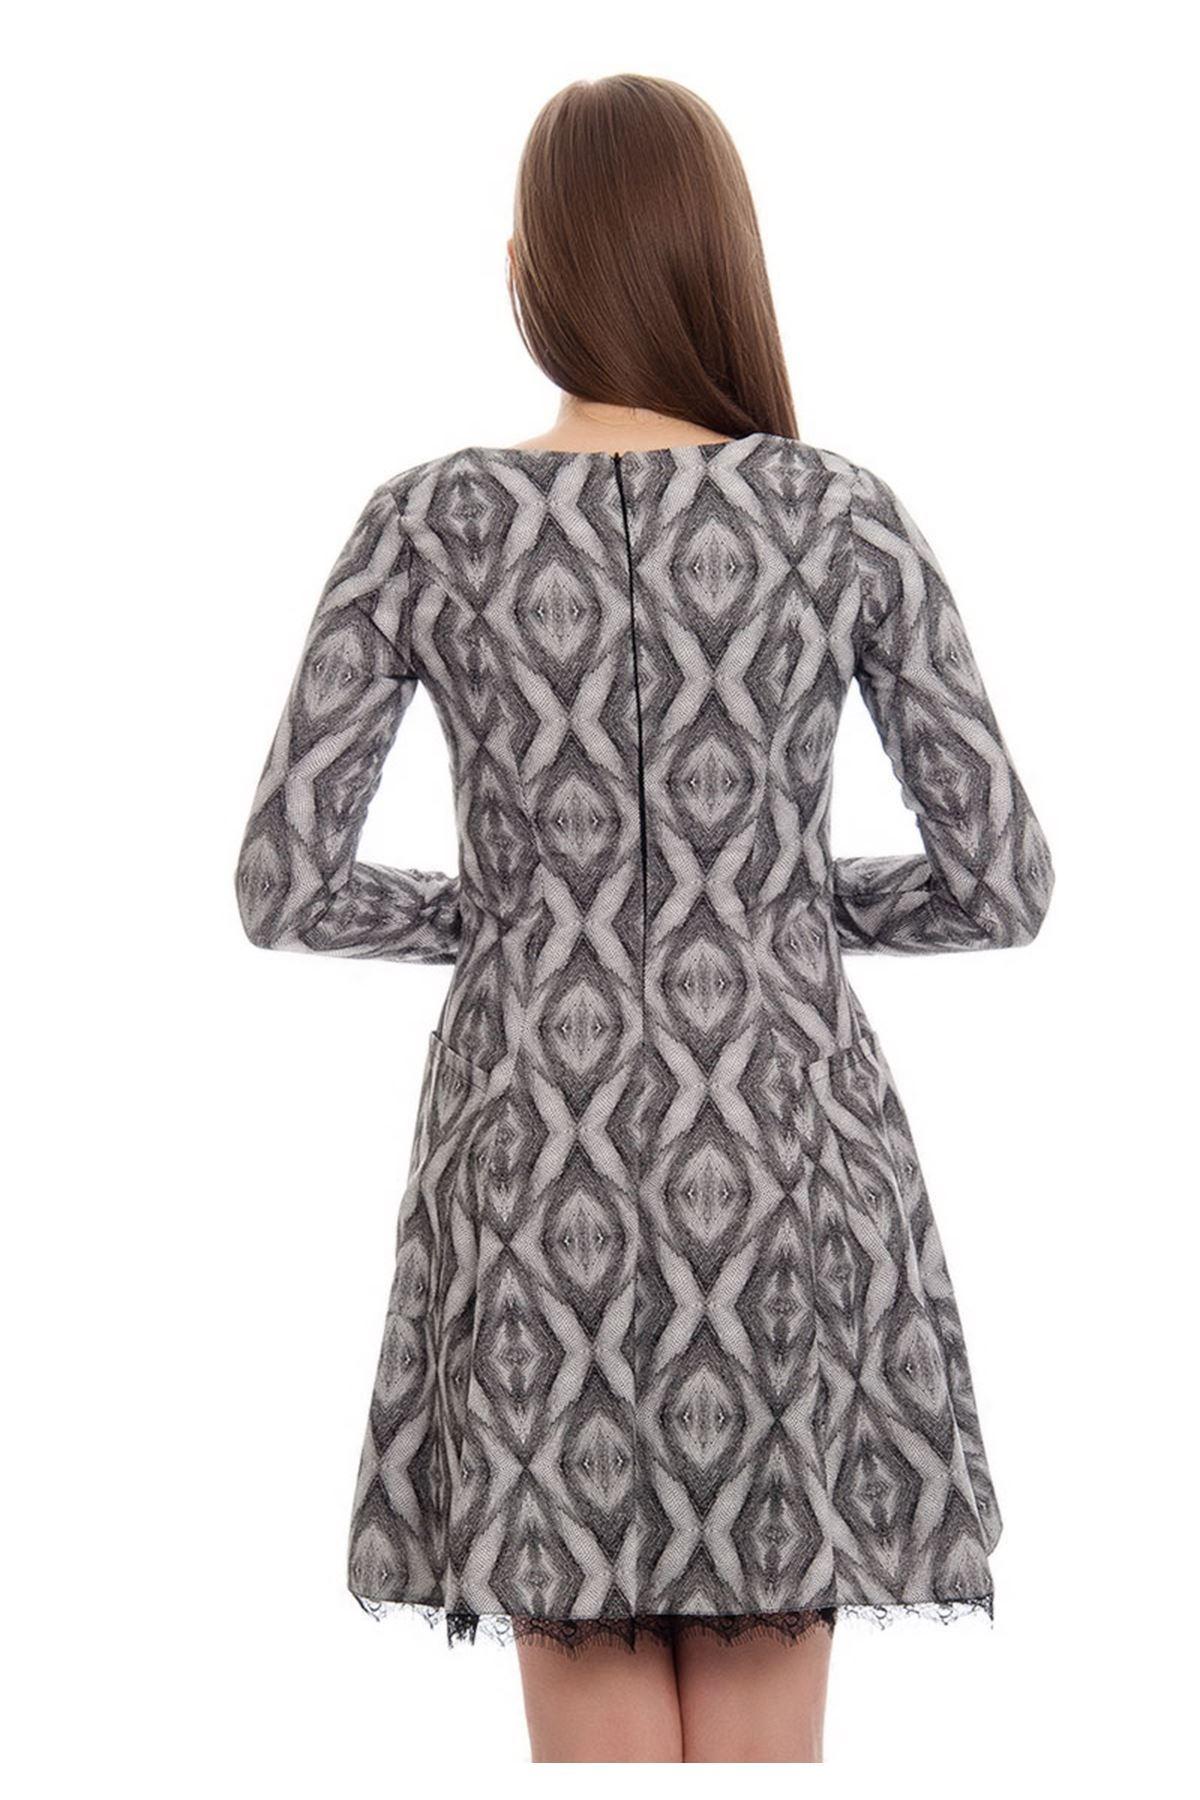 Siyah-Beyaz Desenli Dantel Detaylı Kadın Elbise J5-121975